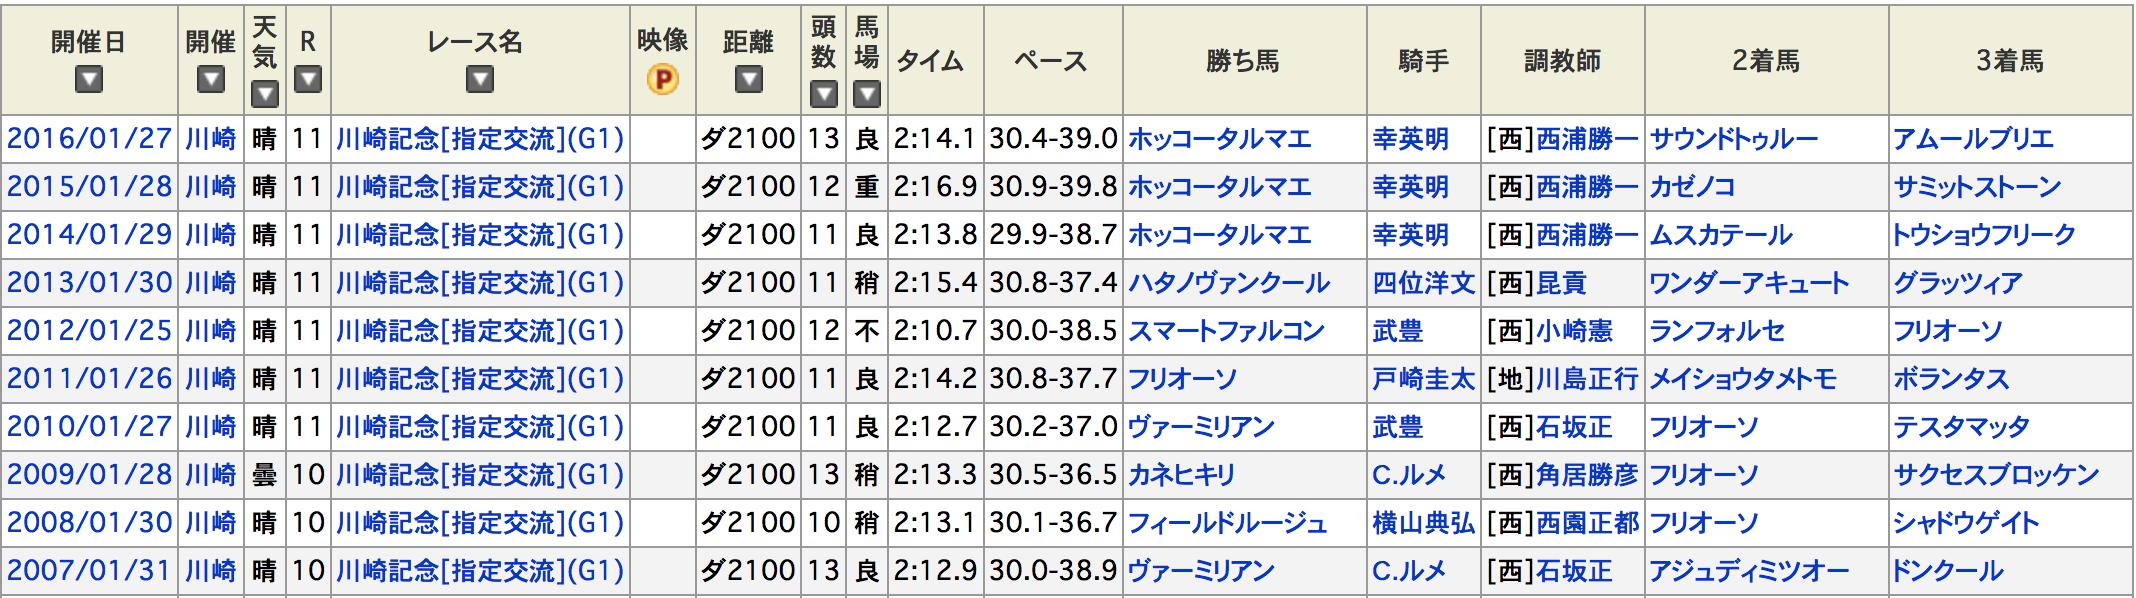 川崎記念過去結果